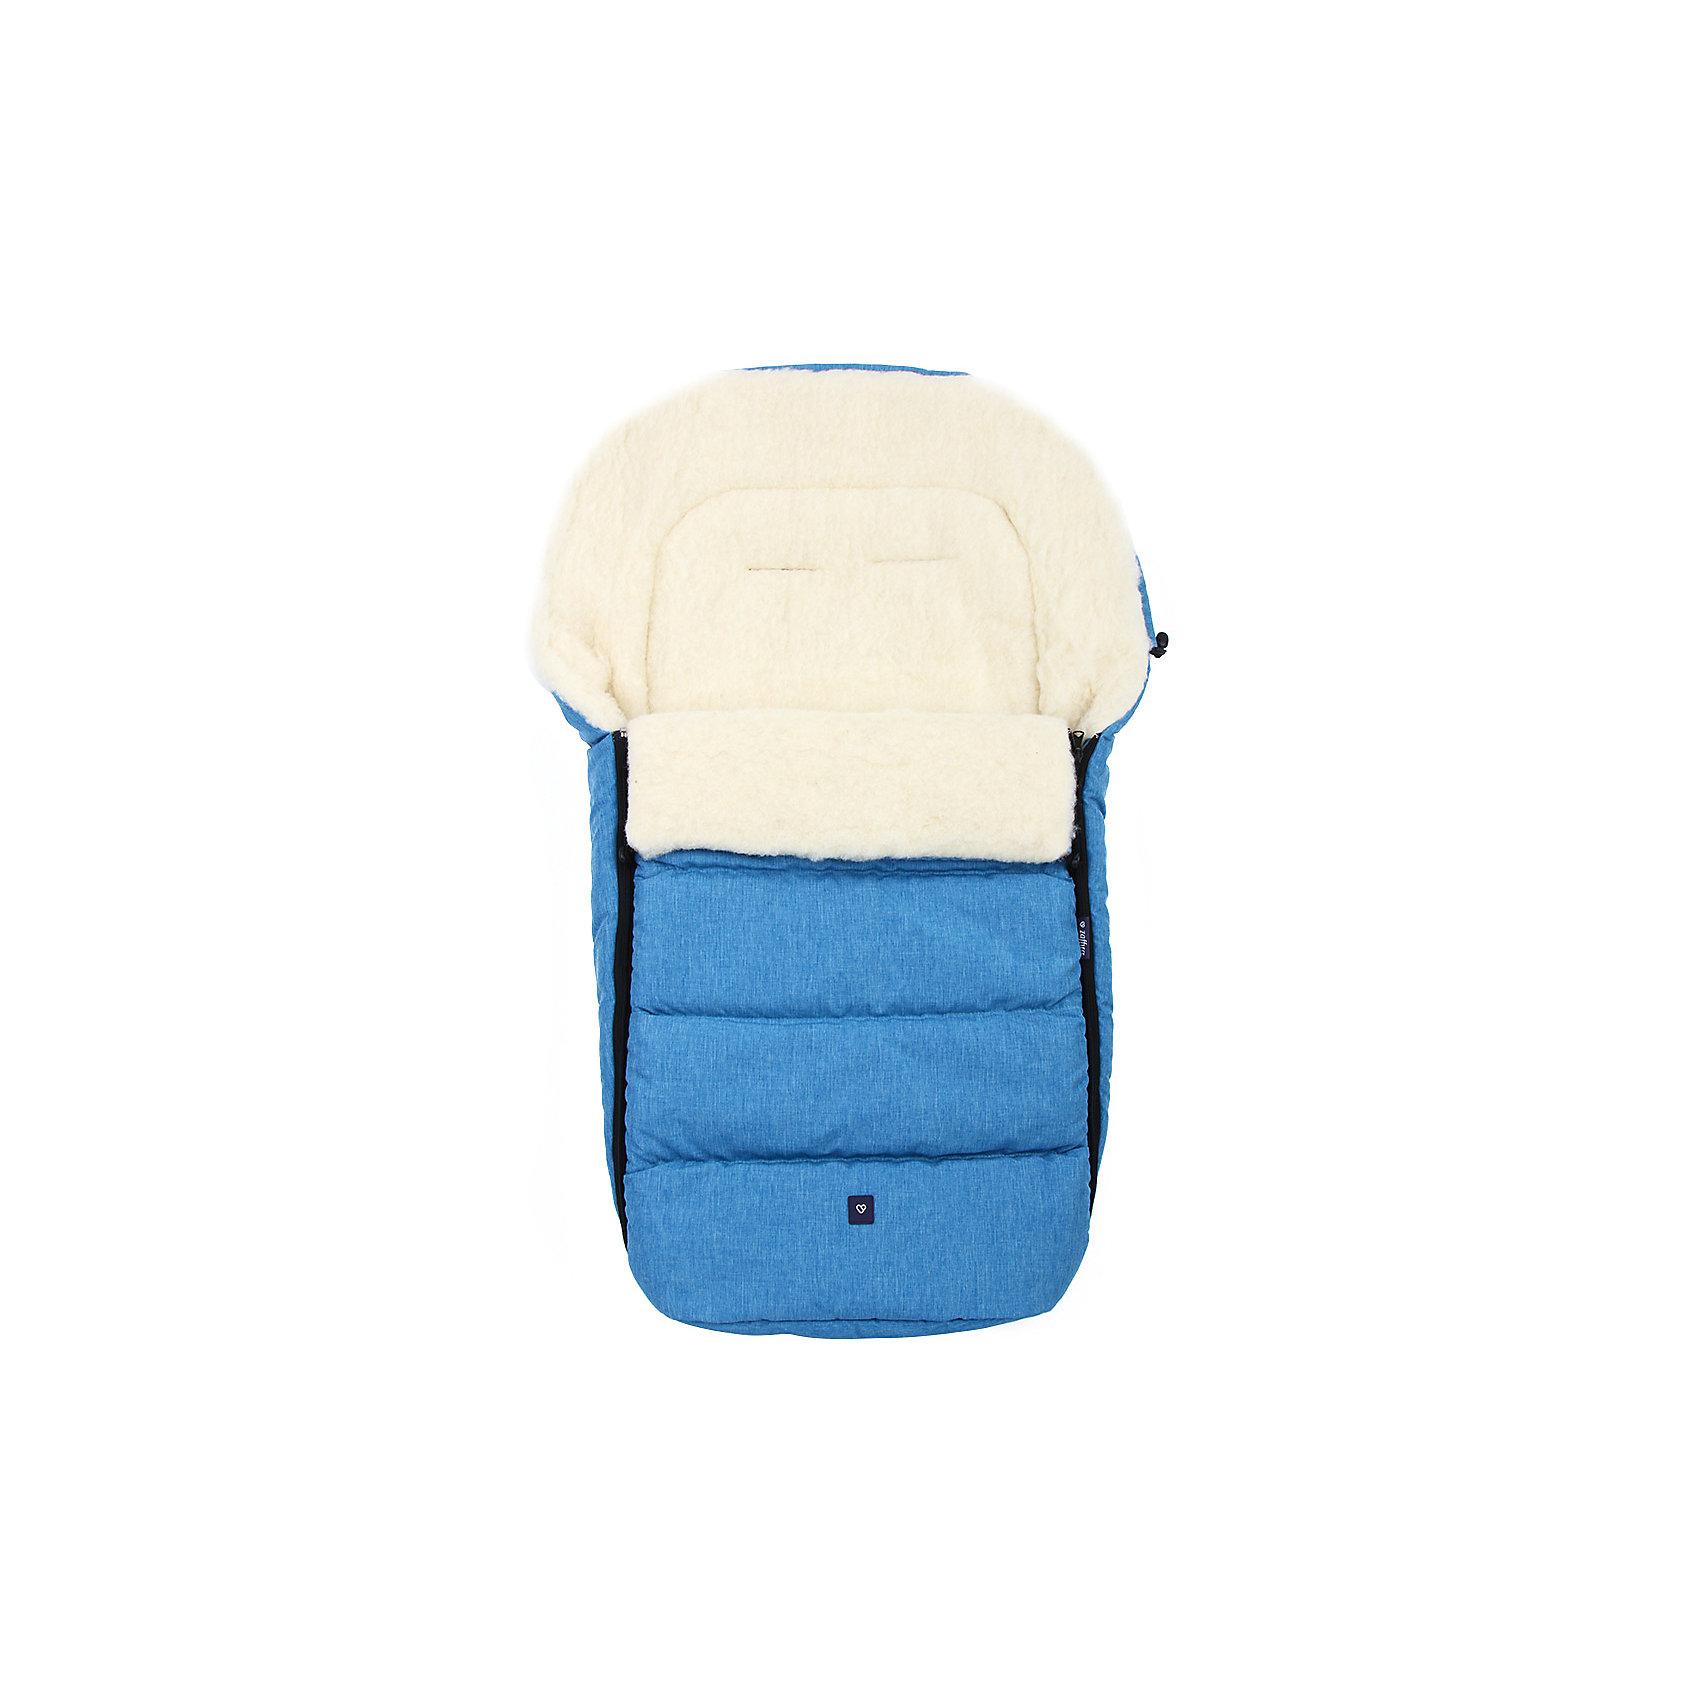 Конверт зимний №S77 Exclusive, 95*50, шерсть, Womar, синийЗимние конверты<br>Конверт зимний №S77 Exclusive, 95*50, шерсть, Womar, синий – модная и стильная защита от холода для вашего малыша.<br>Внутри конверта мягкий мех, изготовленный из овчины. Этот материал не вызывает аллергии и безопасен для нежной кожи малыша. Верхняя часть непромокаемая, грязеотталкивающая и не продувается. Также ее можно отстегнуть. Сверху есть шнурок, который можно стянуть как капюшон. Конверт подходит к большинству колясок. Стирать при температуре 30 градусов, не отжимать и не гладить. Есть отверстия для пятиточечного ремня безопасности. <br><br>Дополнительная информация:<br><br>- материал: внутренняя часть – натуральная овечья шерсть, внешняя – 100% полиэстер<br>- размер: 95х50 см<br>- цвет: синий<br><br>Конверт зимний №S77 Exclusive, 95*50, шерсть, Womar, синий можно купить в нашем интернет магазине.<br><br>Ширина мм: 950<br>Глубина мм: 500<br>Высота мм: 100<br>Вес г: 500<br>Возраст от месяцев: 0<br>Возраст до месяцев: 12<br>Пол: Унисекс<br>Возраст: Детский<br>SKU: 4981802